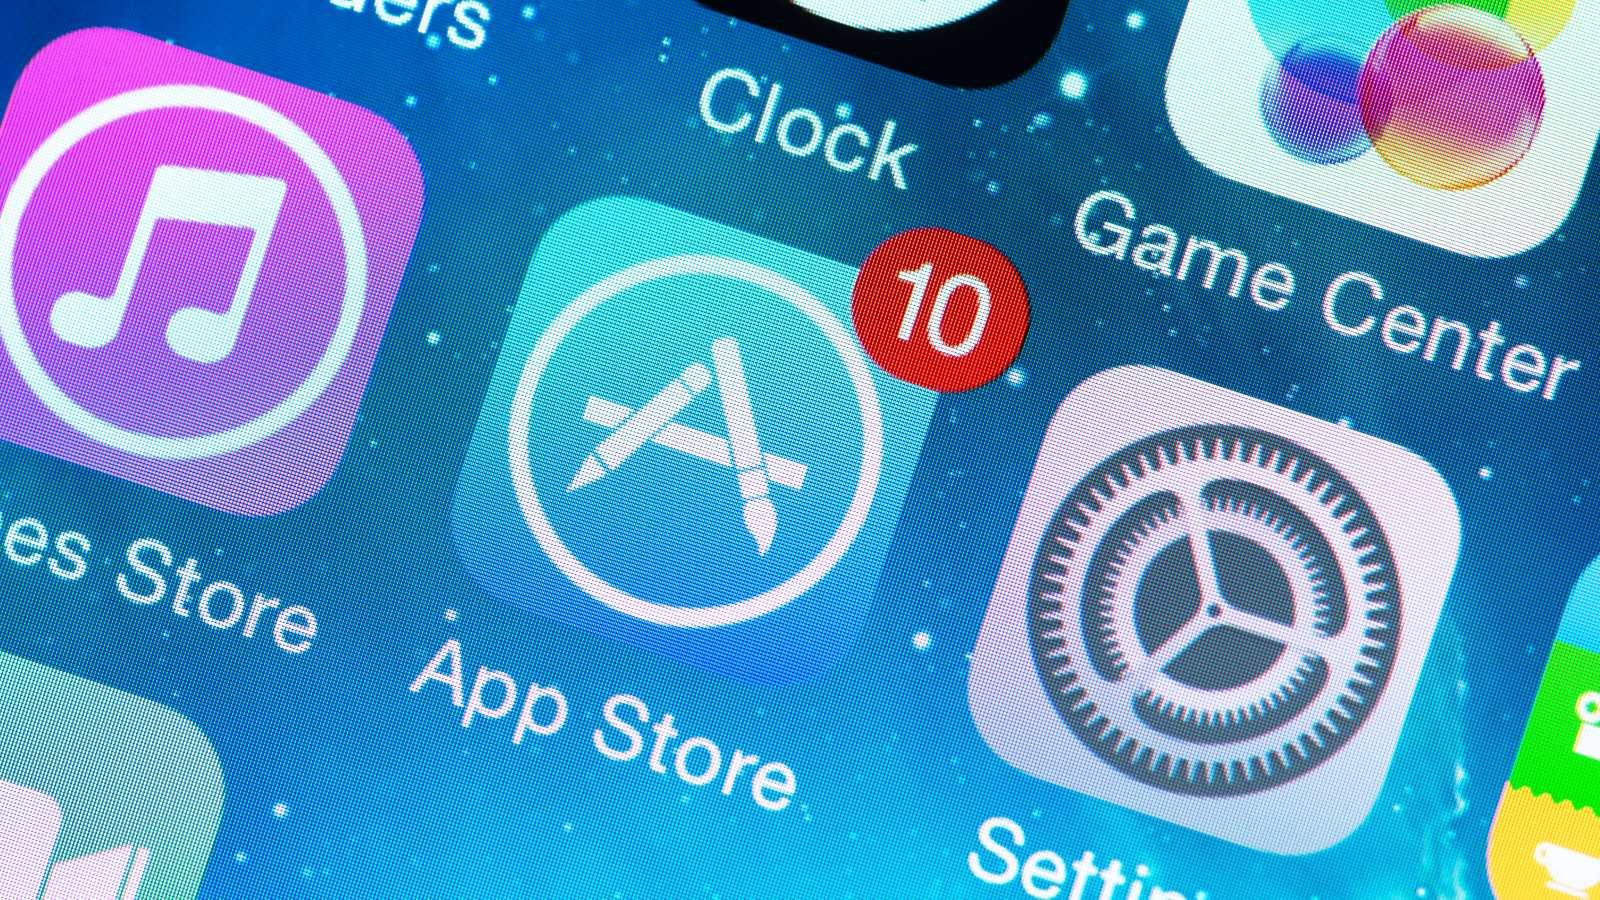 Приложение для записи видео с экрана iPhone было удалено из App Store